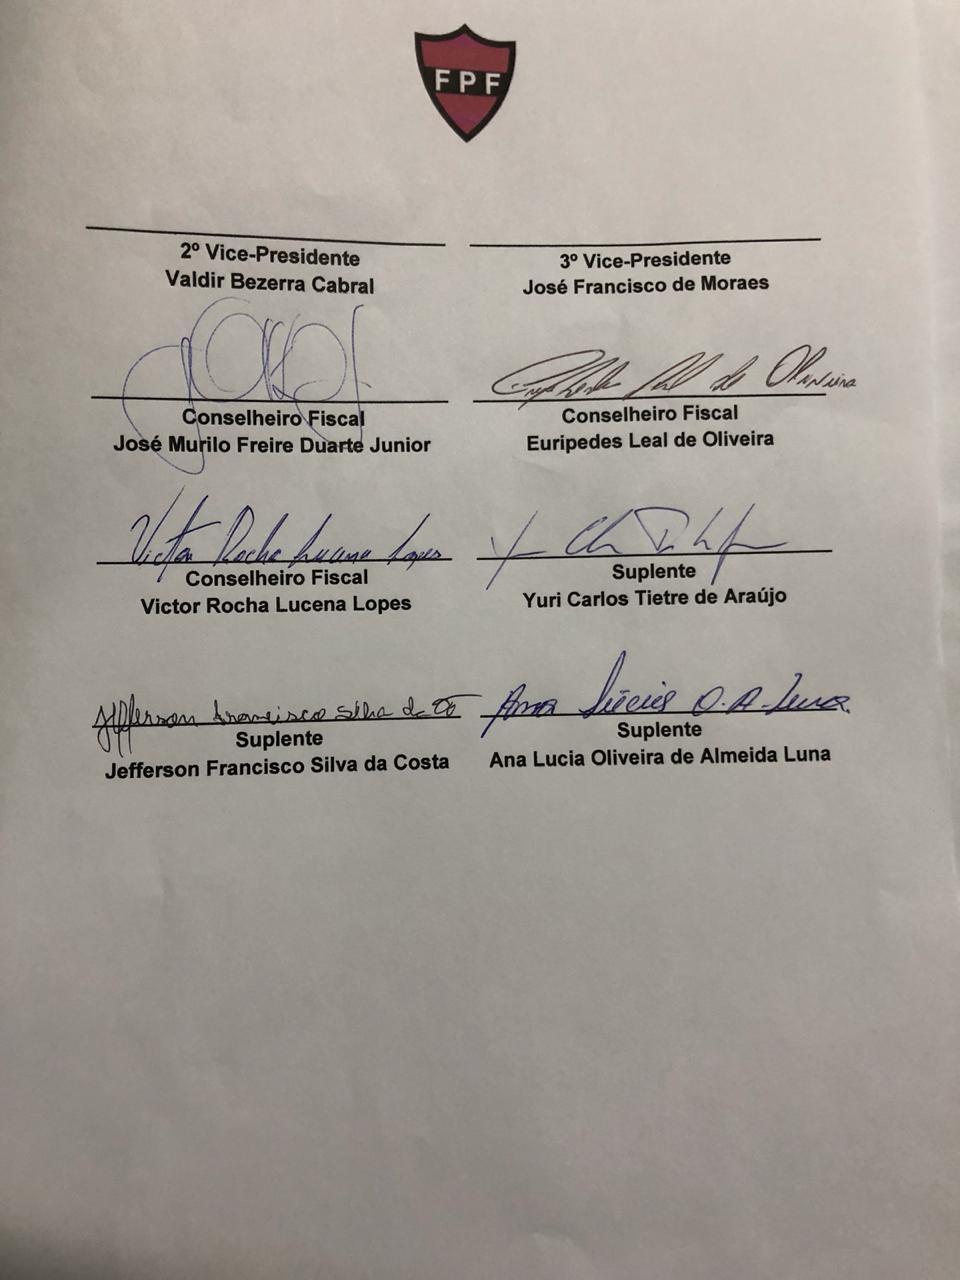 WhatsApp Image 2018 09 12 at 4.45.16 PM - ELEIÇÃO NA FPF: Registro de chapa de Eduardo Araújo confirma tese de chapa única